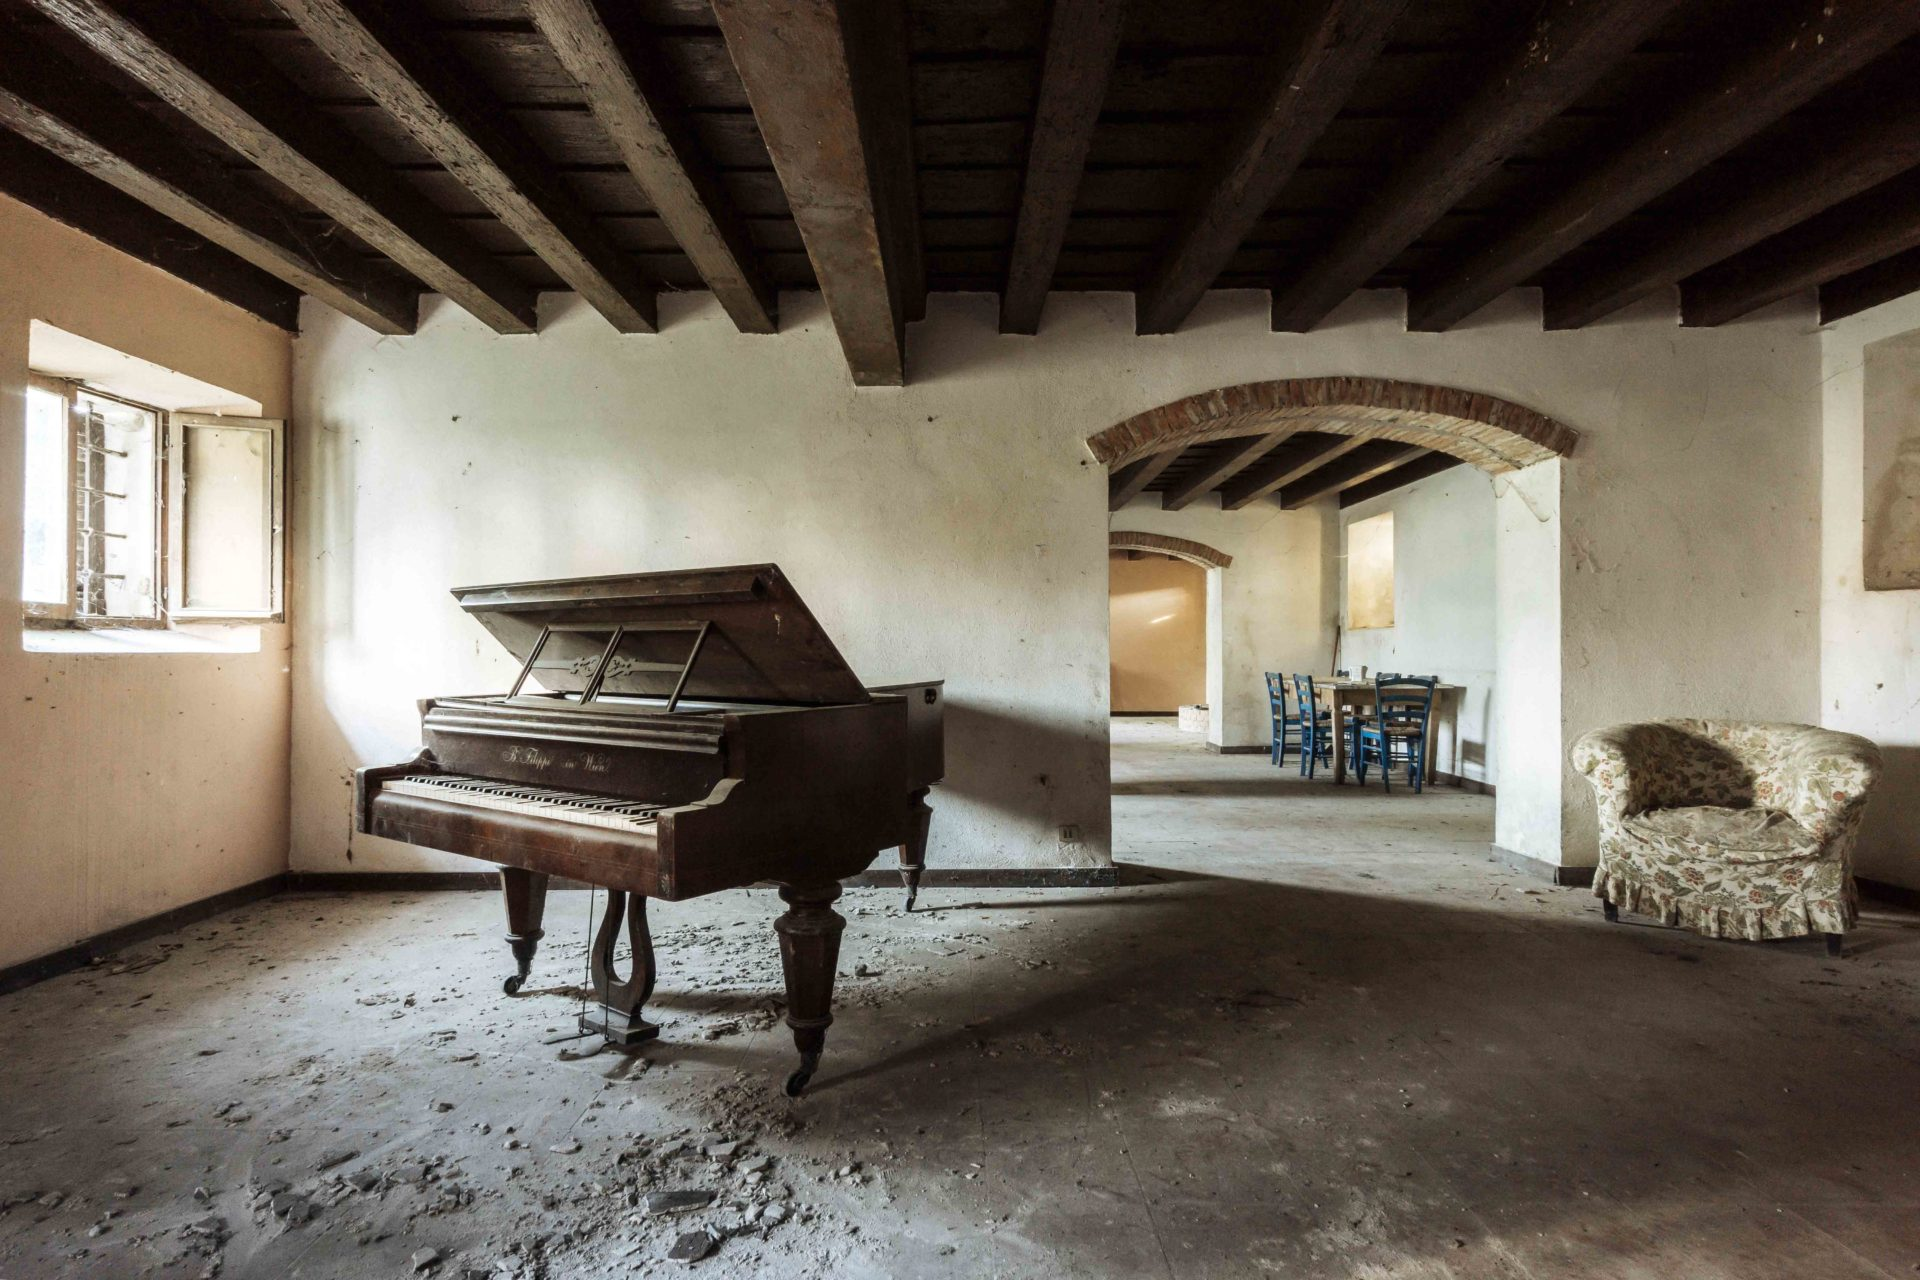 Requiem pour pianos 20 | Serie Requiem pour pianos | Romain Thiery | Italy